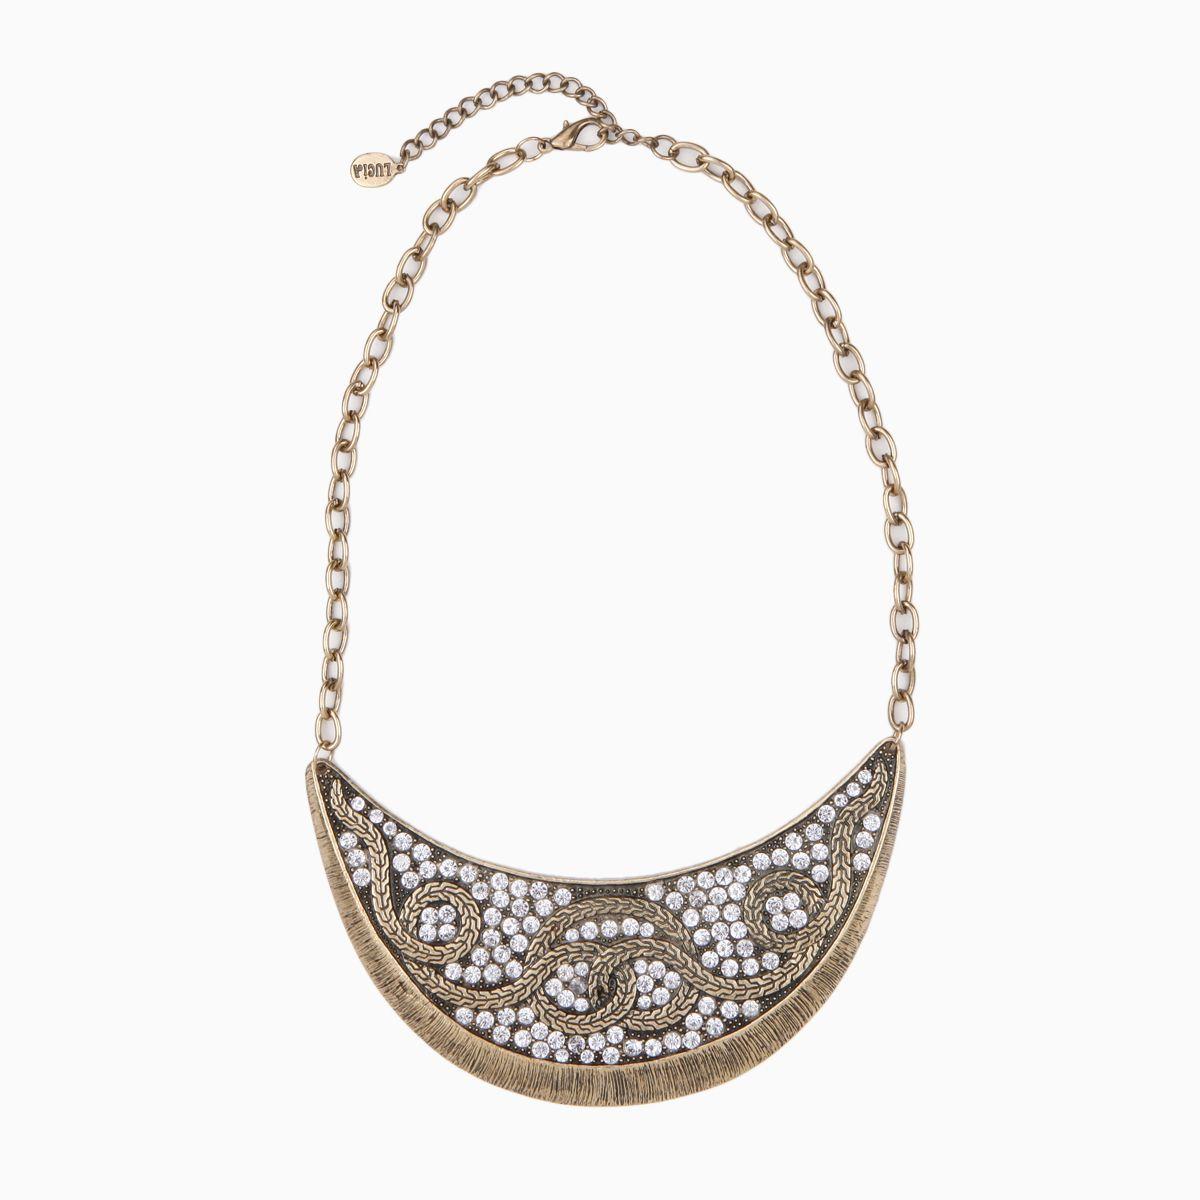 Google Afbeeldingen resultaat voor http://www.dailylook.com/images/product/accessories/lace-qtr-slv-nude-dress-necklace-full.jpg